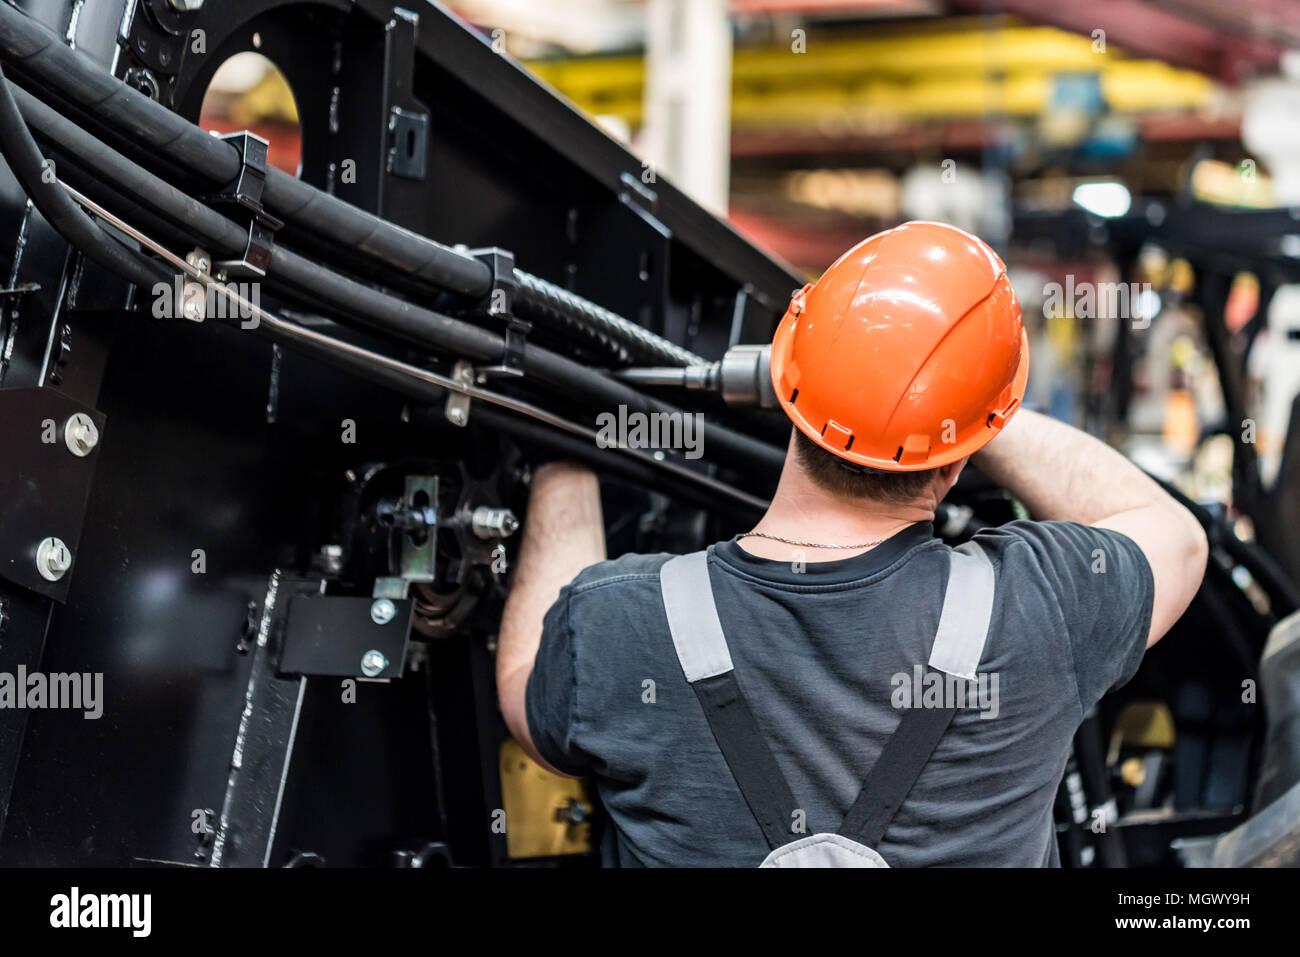 Industrielle Arbeiter versammelt landwirtschaftliche Geräte Stockbild